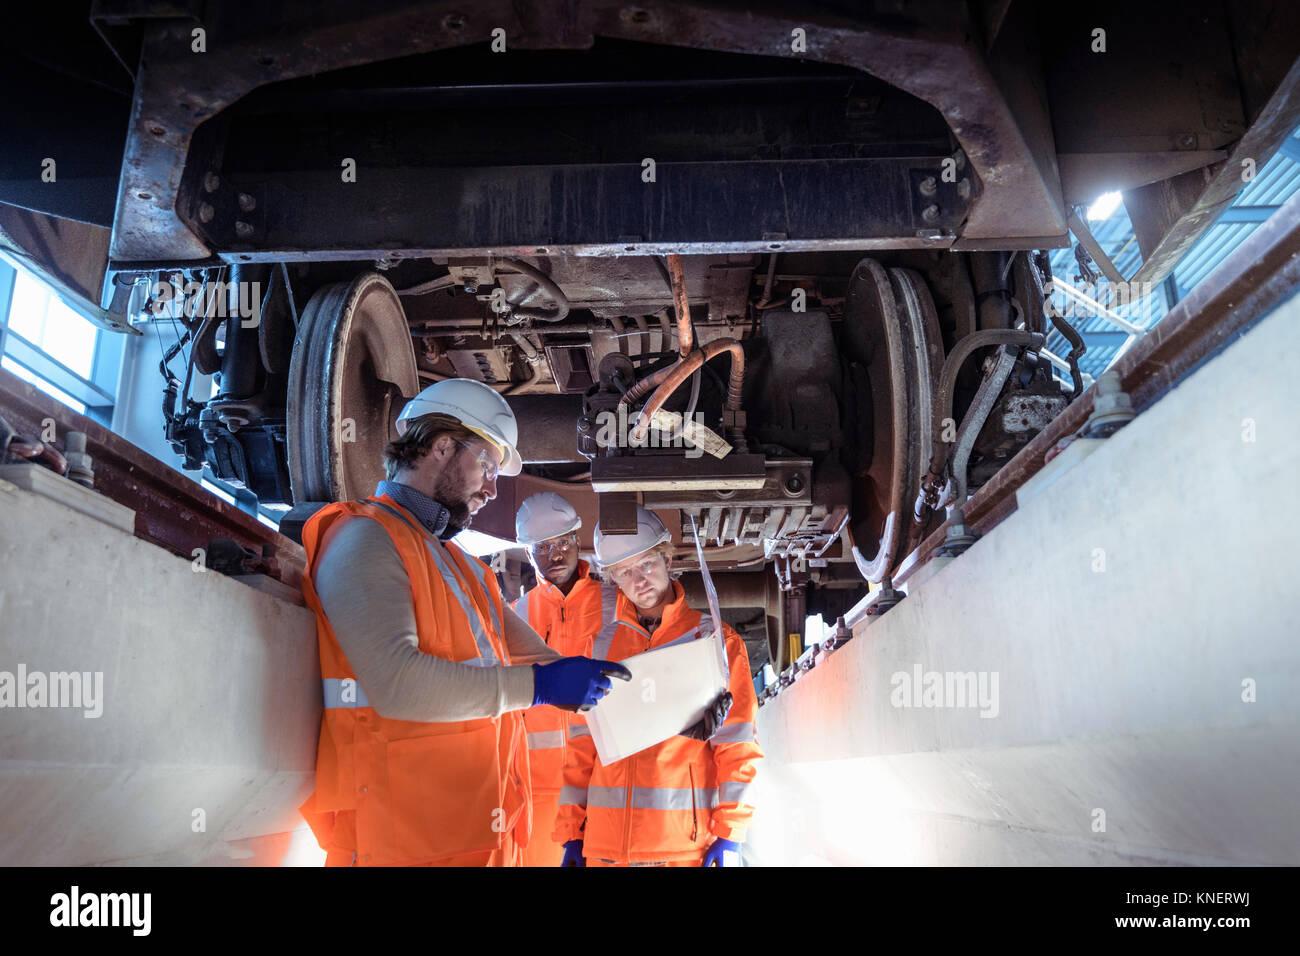 Ausbilder und Auszubildende unter Zug in Railway Engineering Facility Stockbild